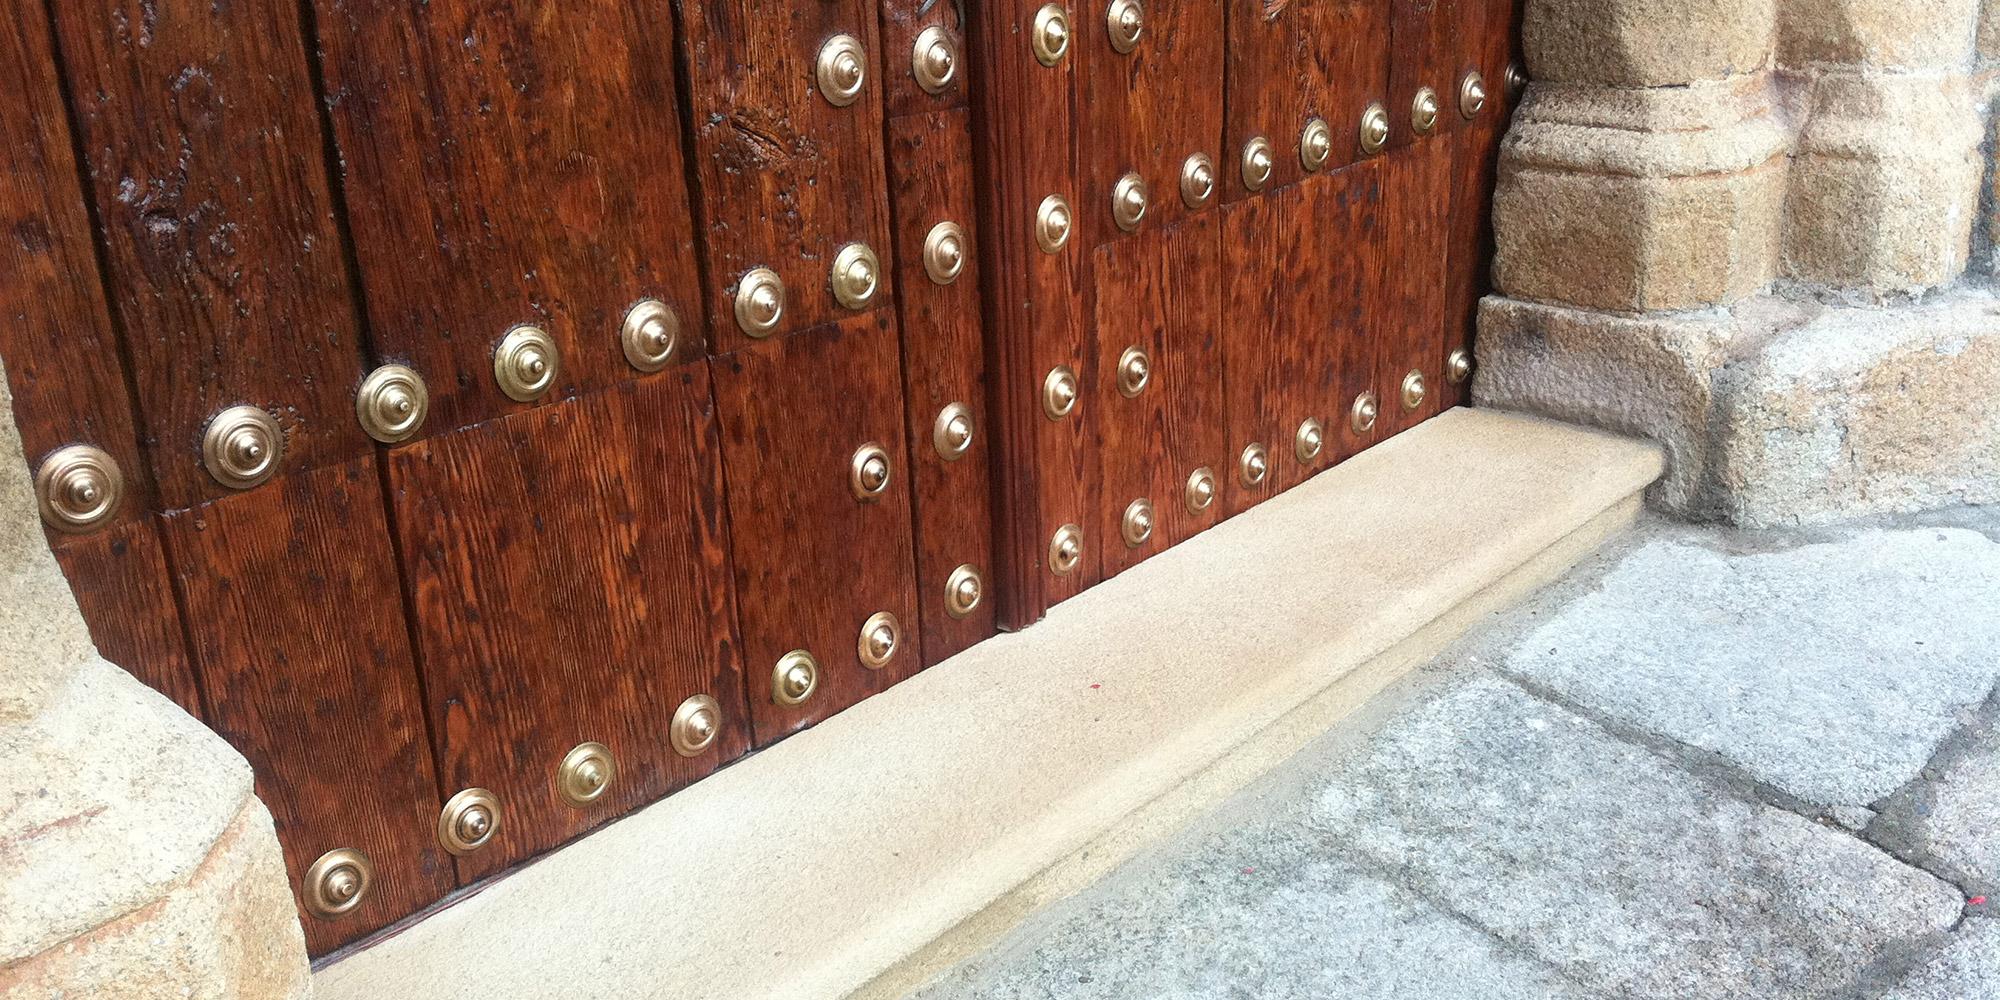 Restaurar ventanas de madera antiguas beautiful el juego - Restaurar puertas antiguas ...